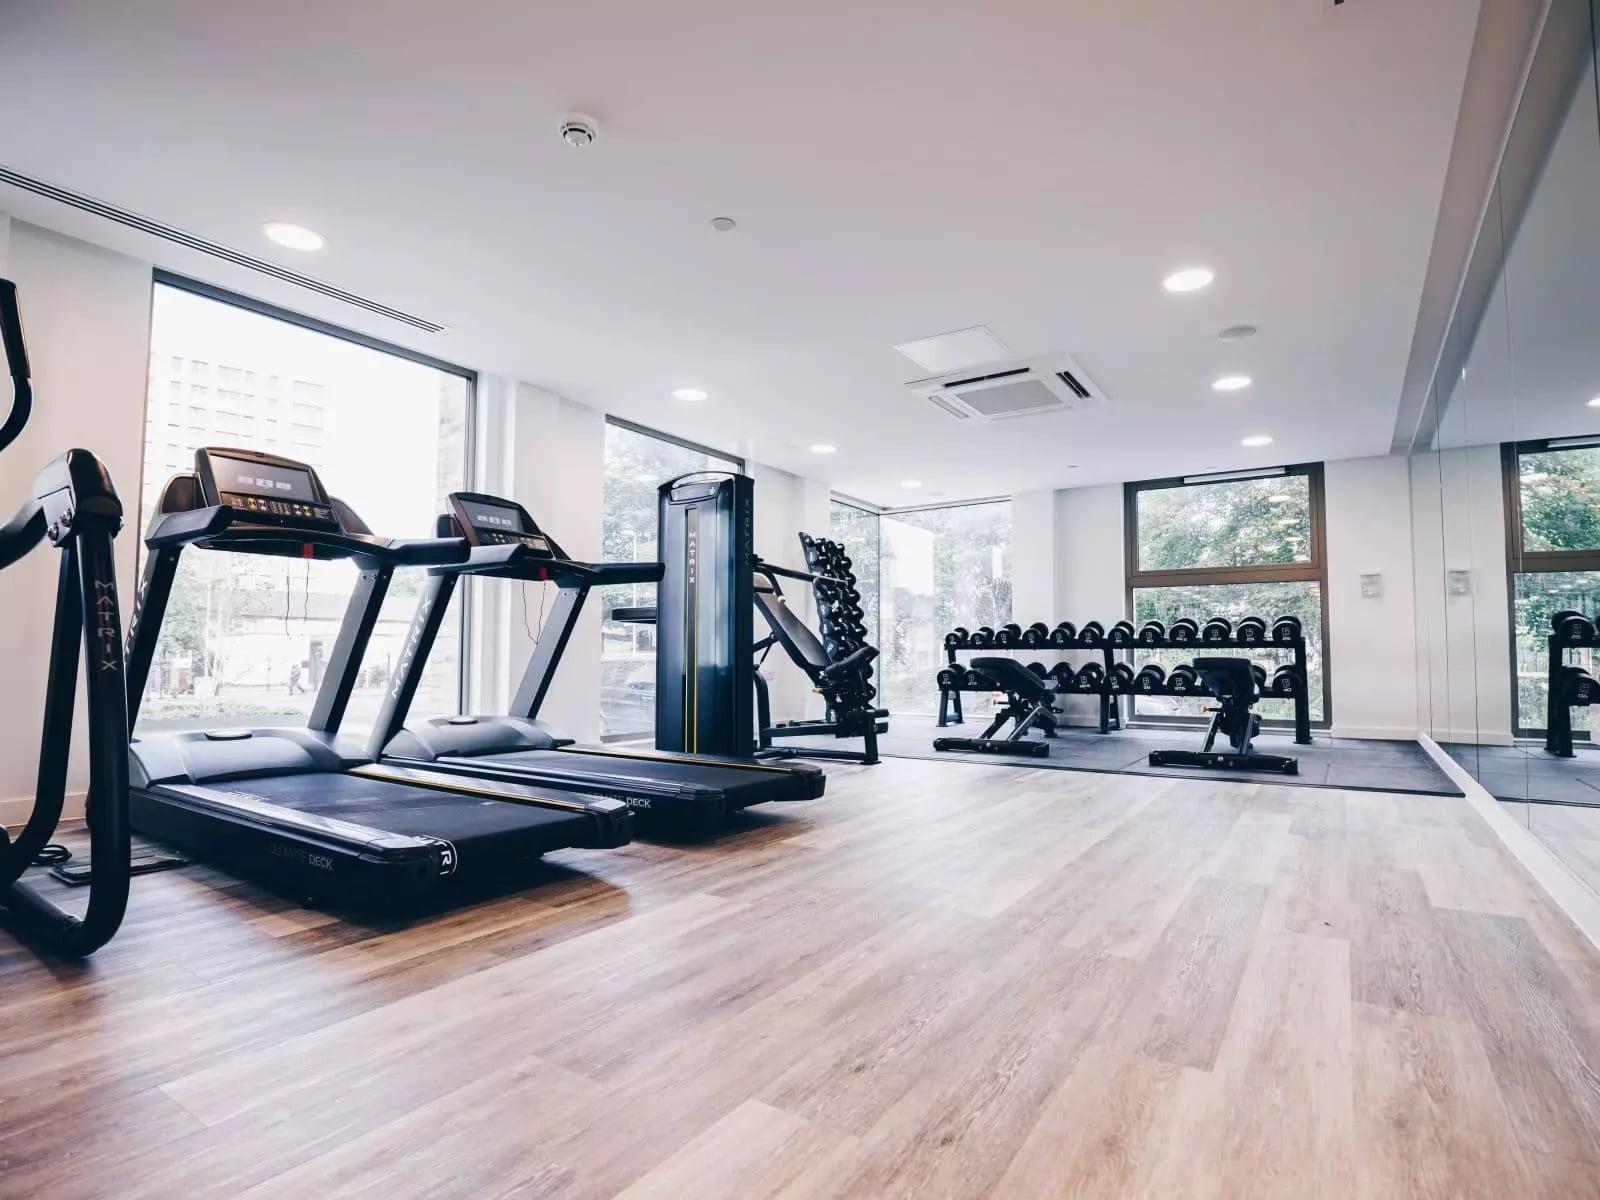 burlington-square-gym